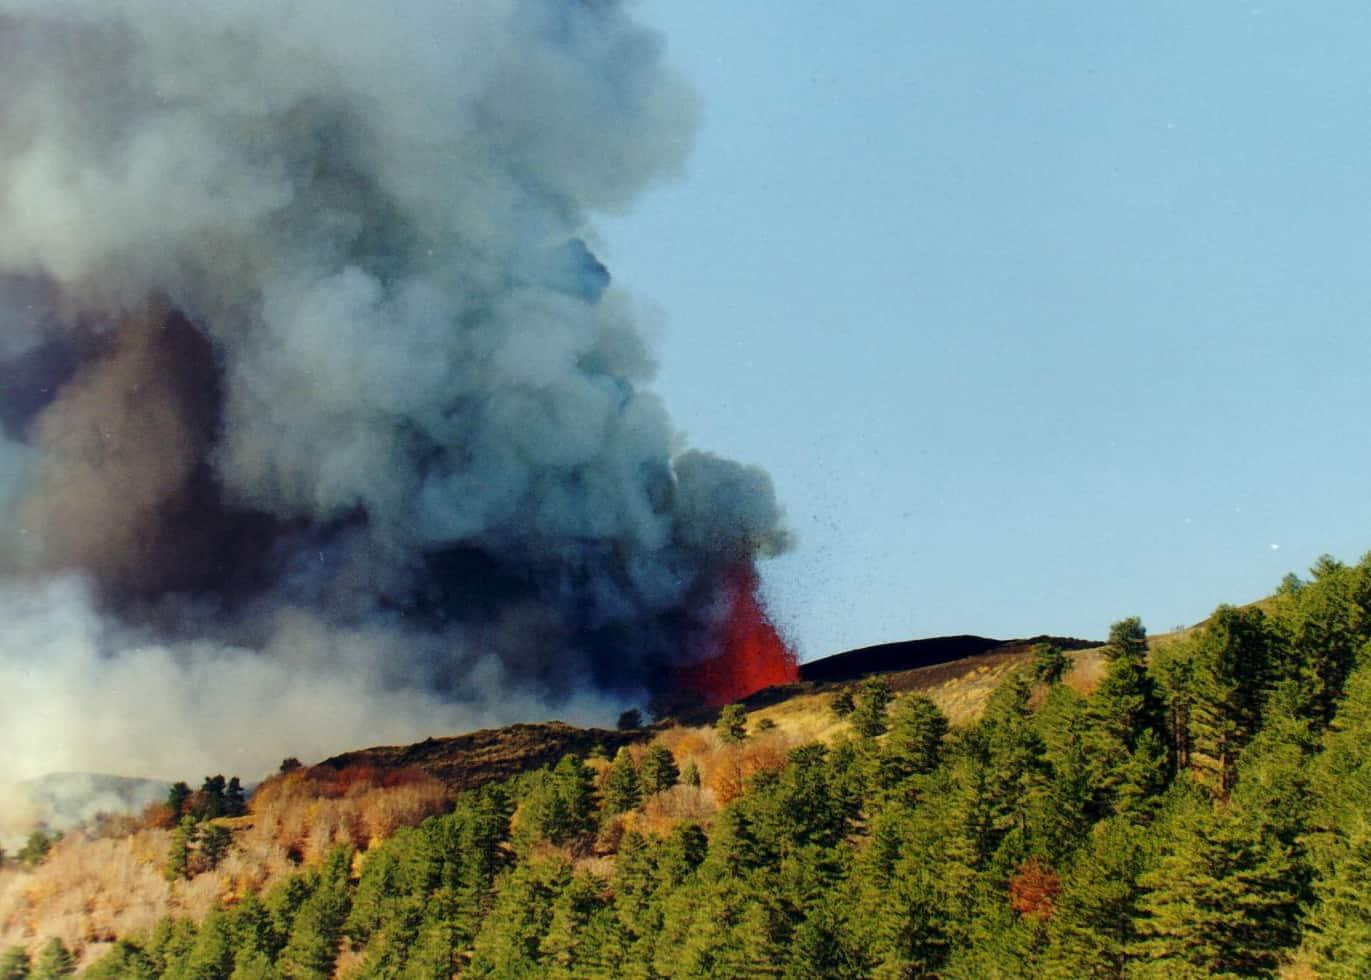 piano provenzana etna 2002 eruzione 1